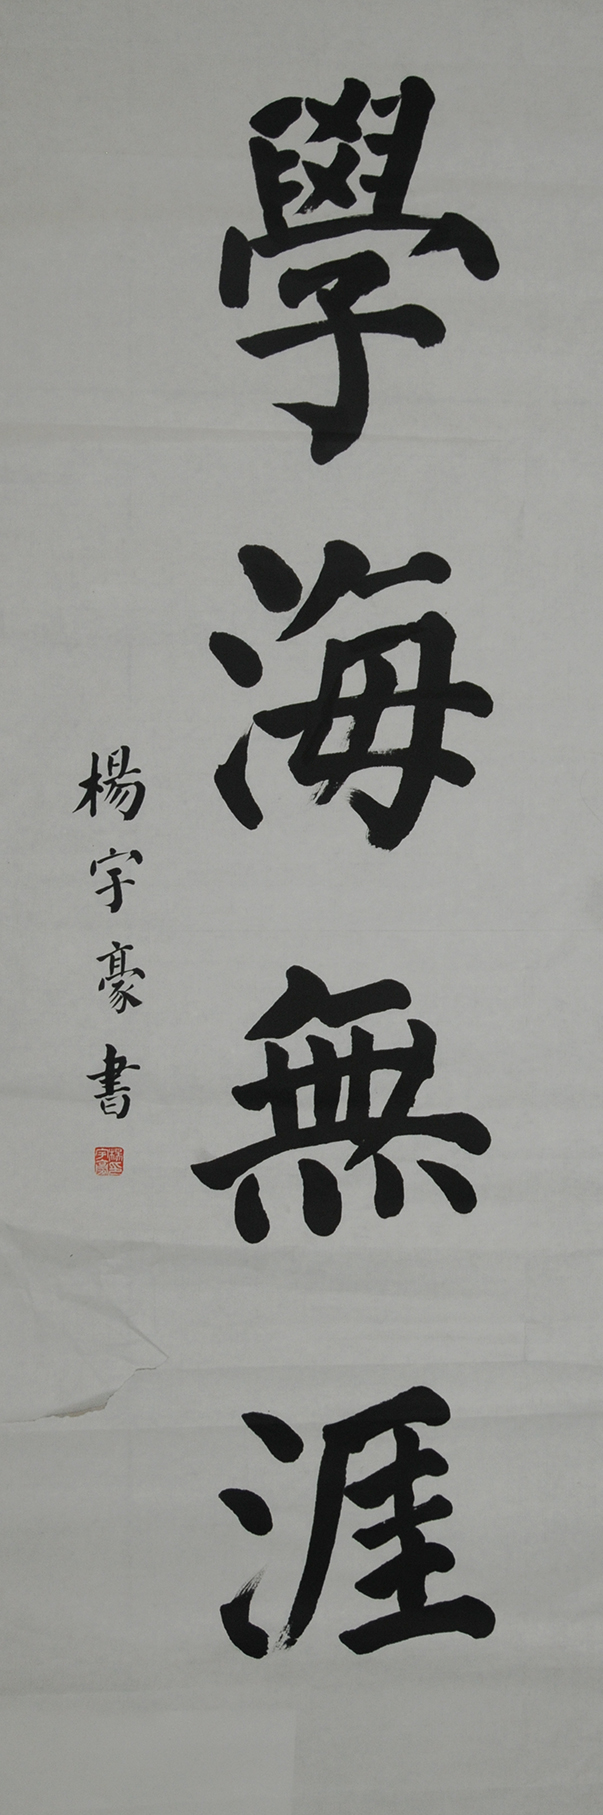 杨宇豪  学海无涯